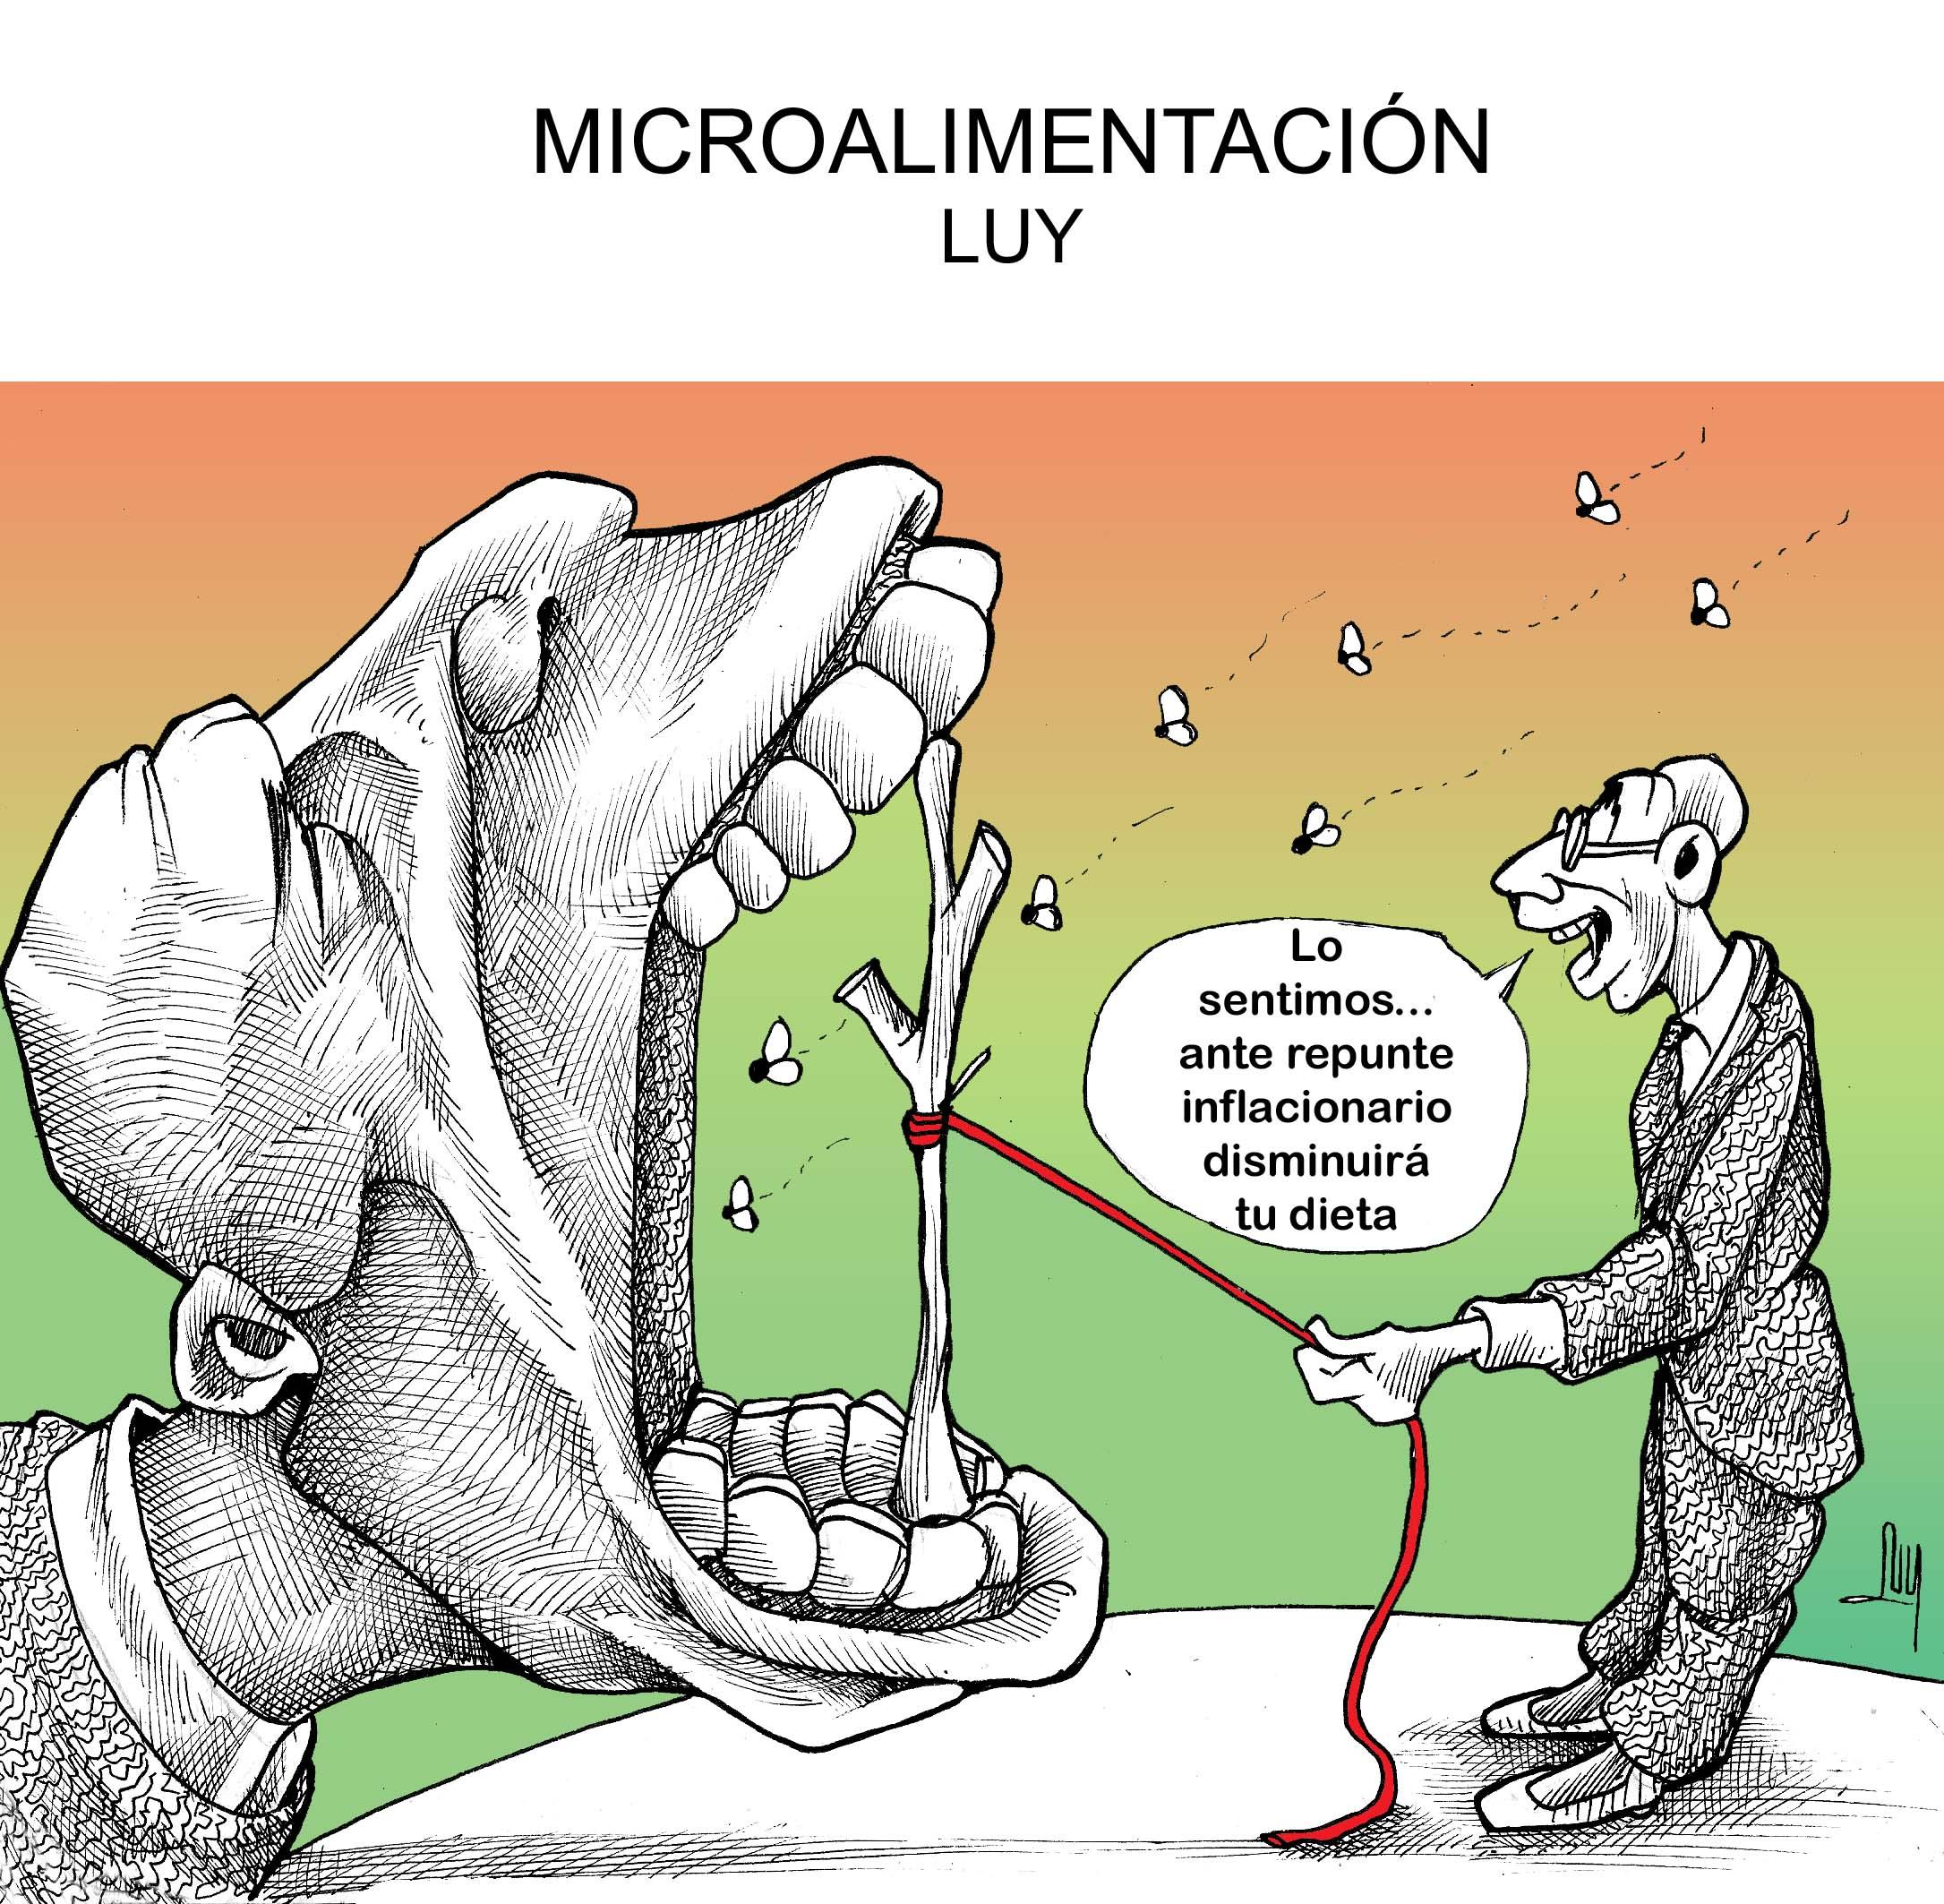 microalimentacion